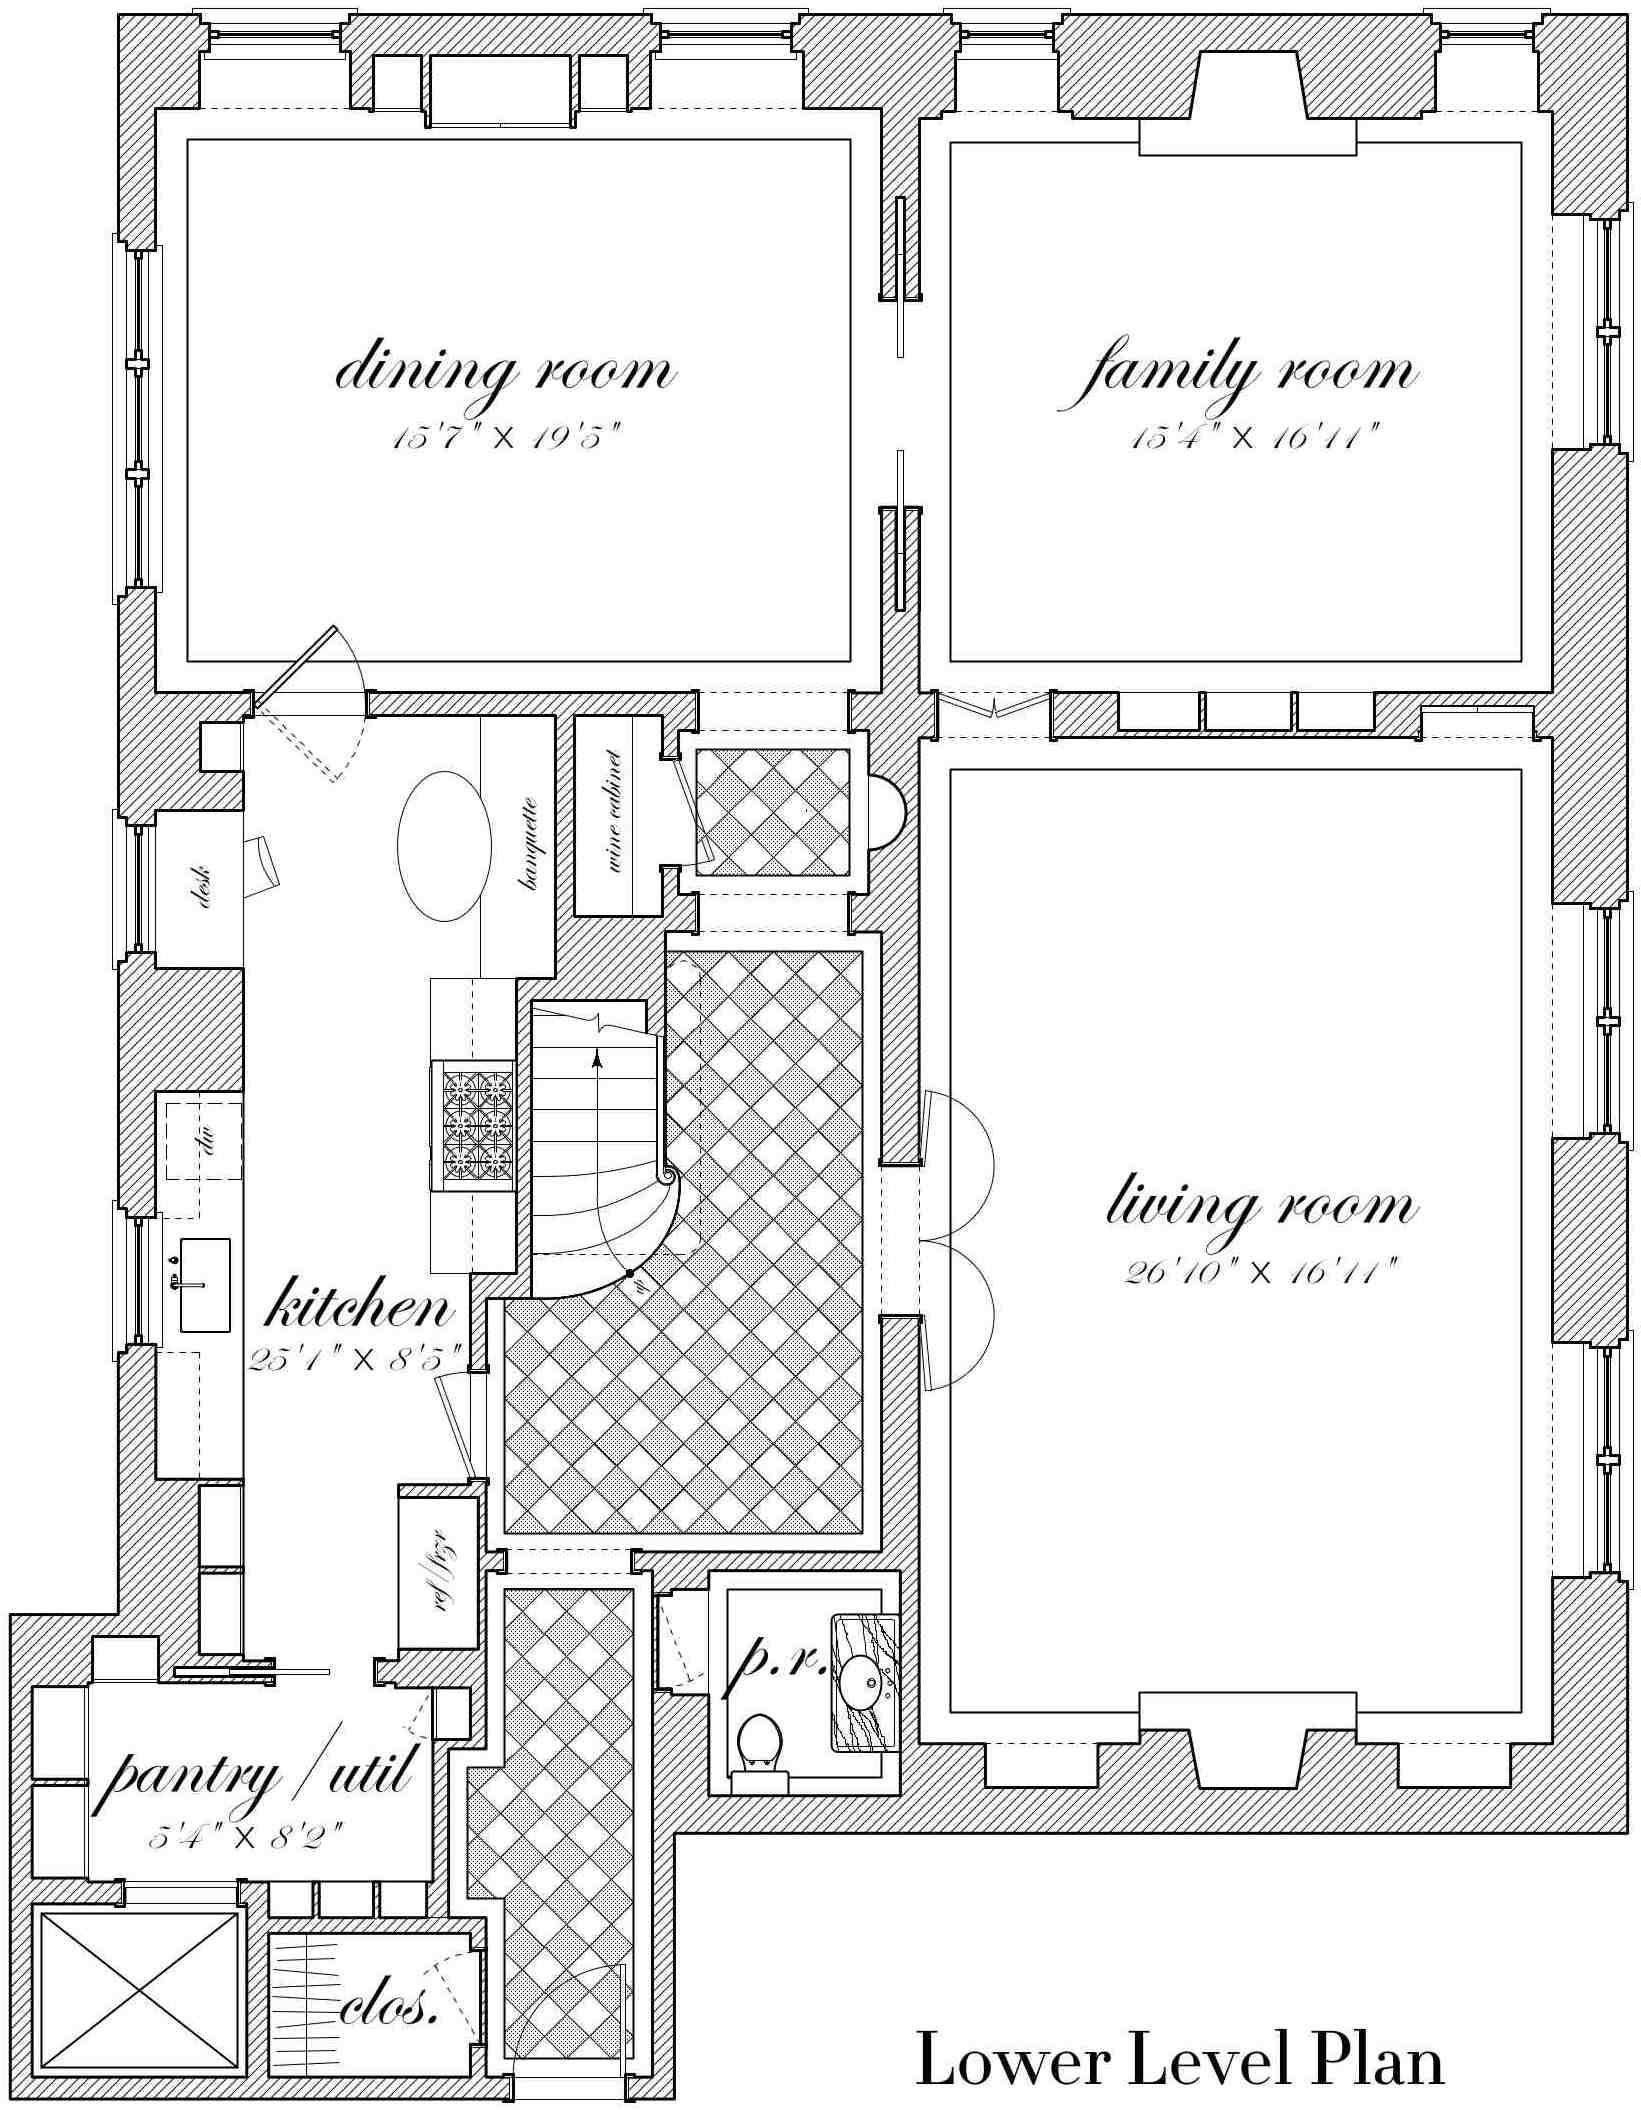 925 Park Avenue Bories Shearron Architecture Dpc Architectural Floor Plans How To Plan Apartment Floor Plans